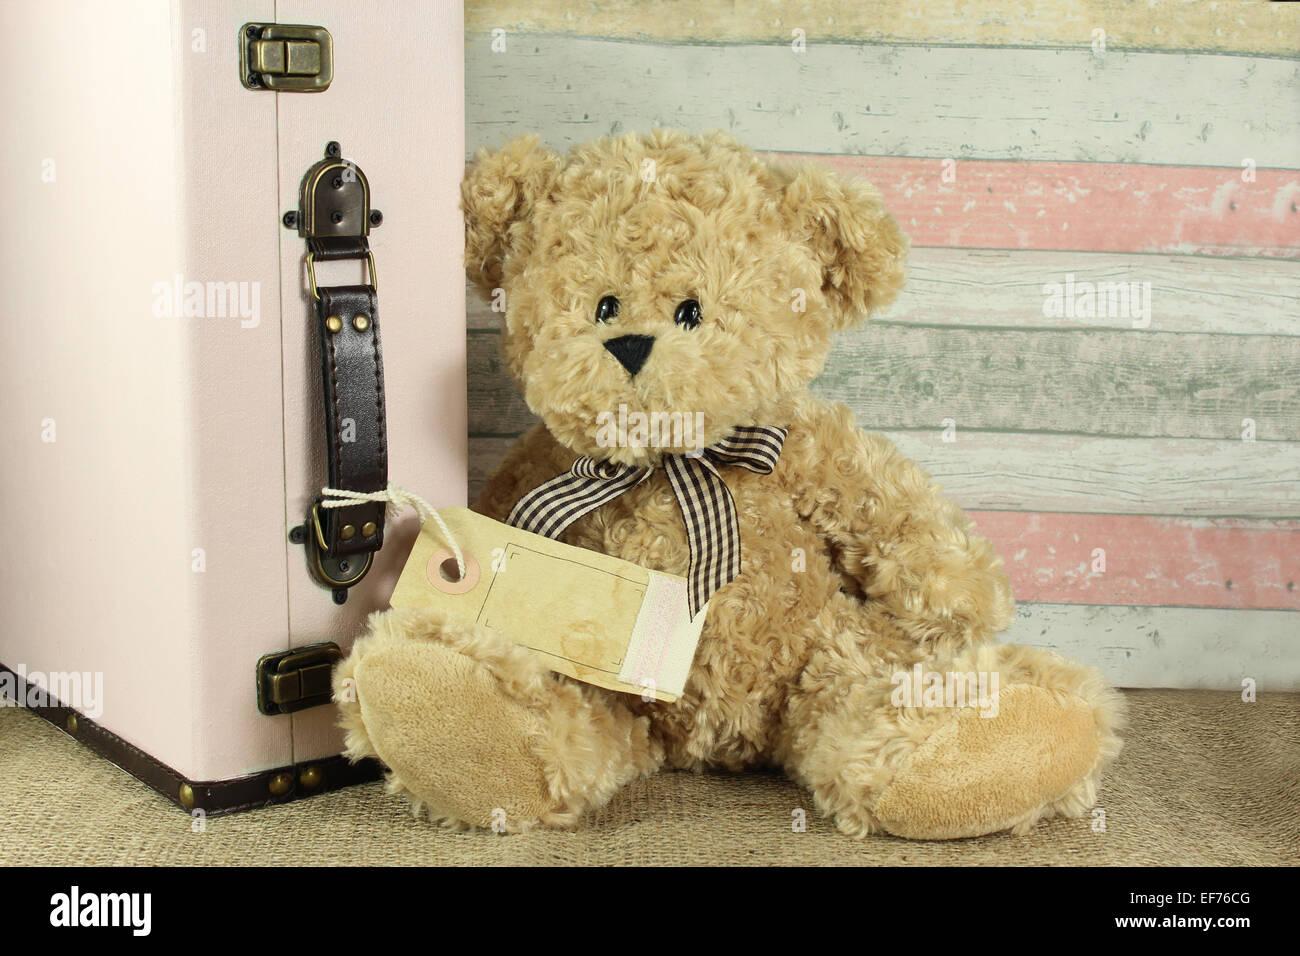 Ours en peluche avec vintage suitcase et blank tag pour votre propre texte Photo Stock